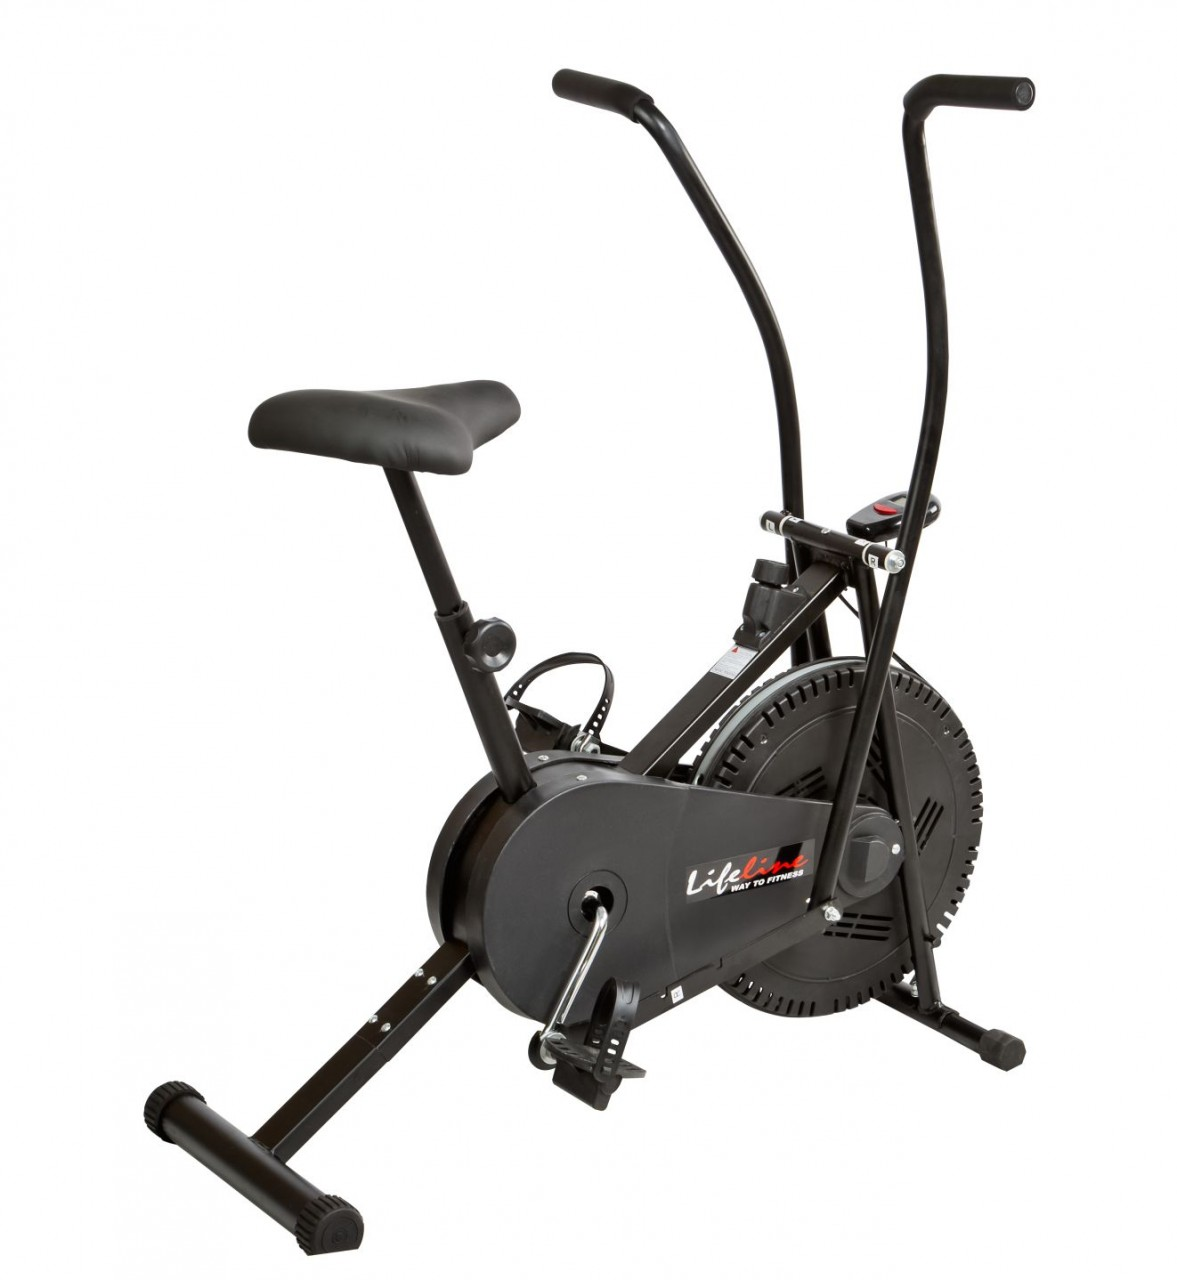 Lifeline Exercise Cycle Dual Functional Bike Model no 103